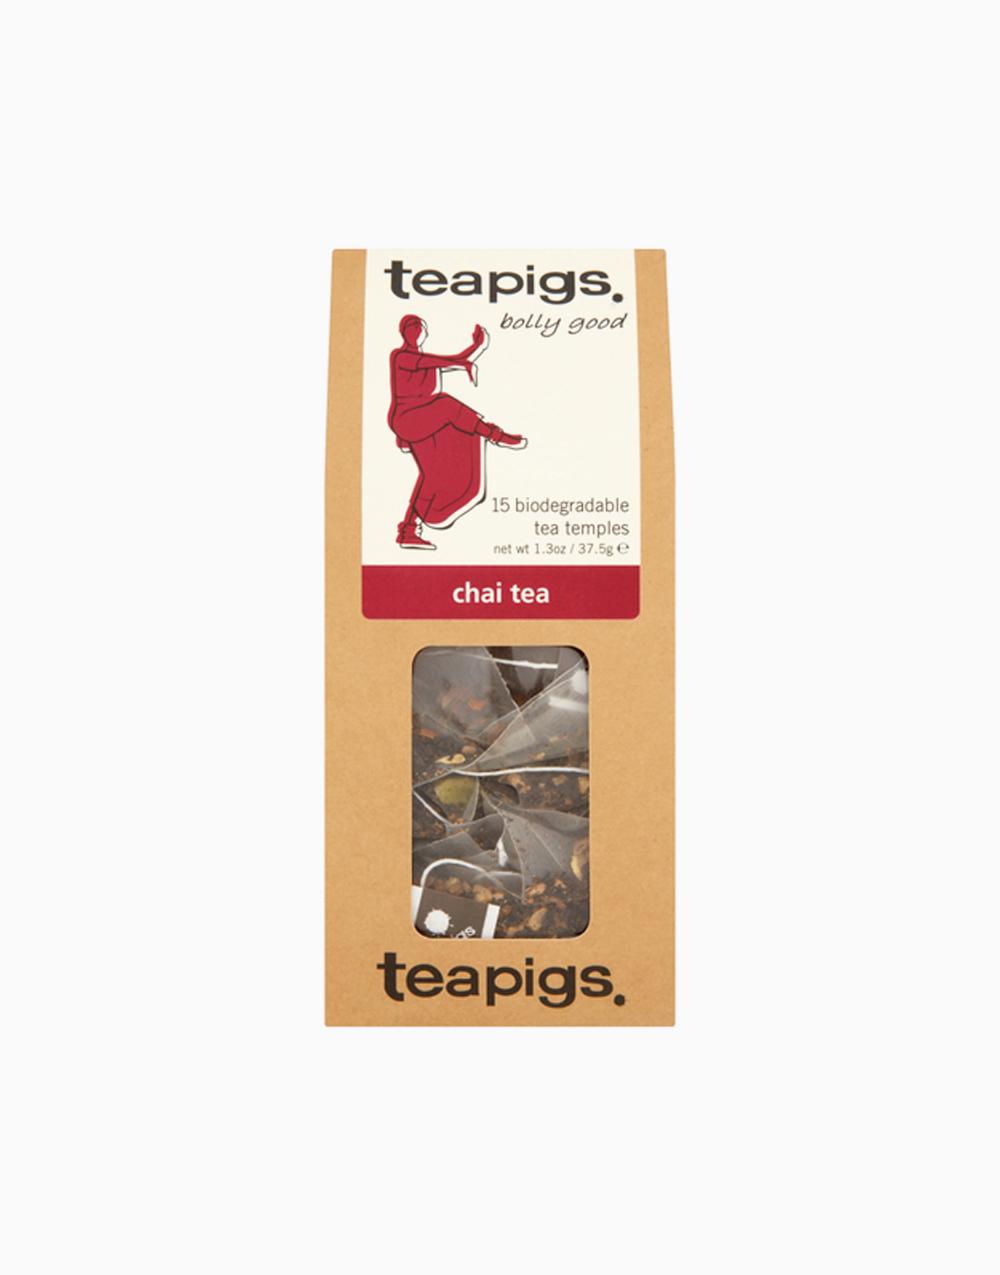 Chai Tea by Teapigs